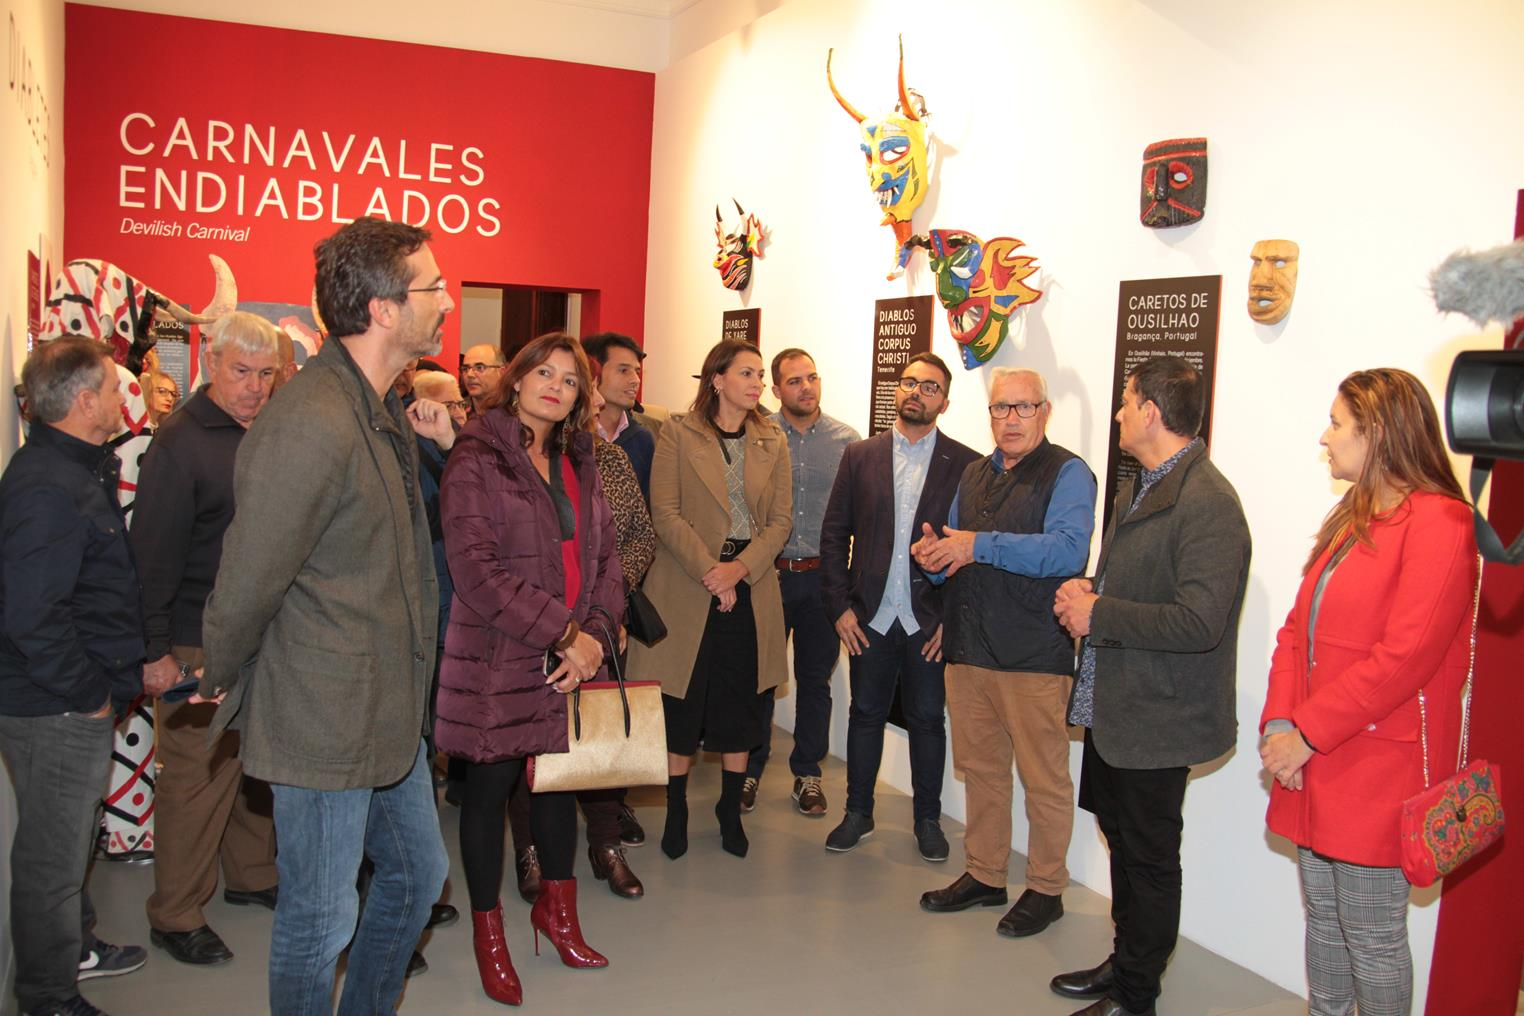 Pedro San Ginés y Echedey Eugenio agradecen y felicitan a 'Los Diabletes' de Teguise y a 'Los Buches' de Arrecife «por mantener vivas estasseñas identitarias del carnaval tradicional de Lanzarote»